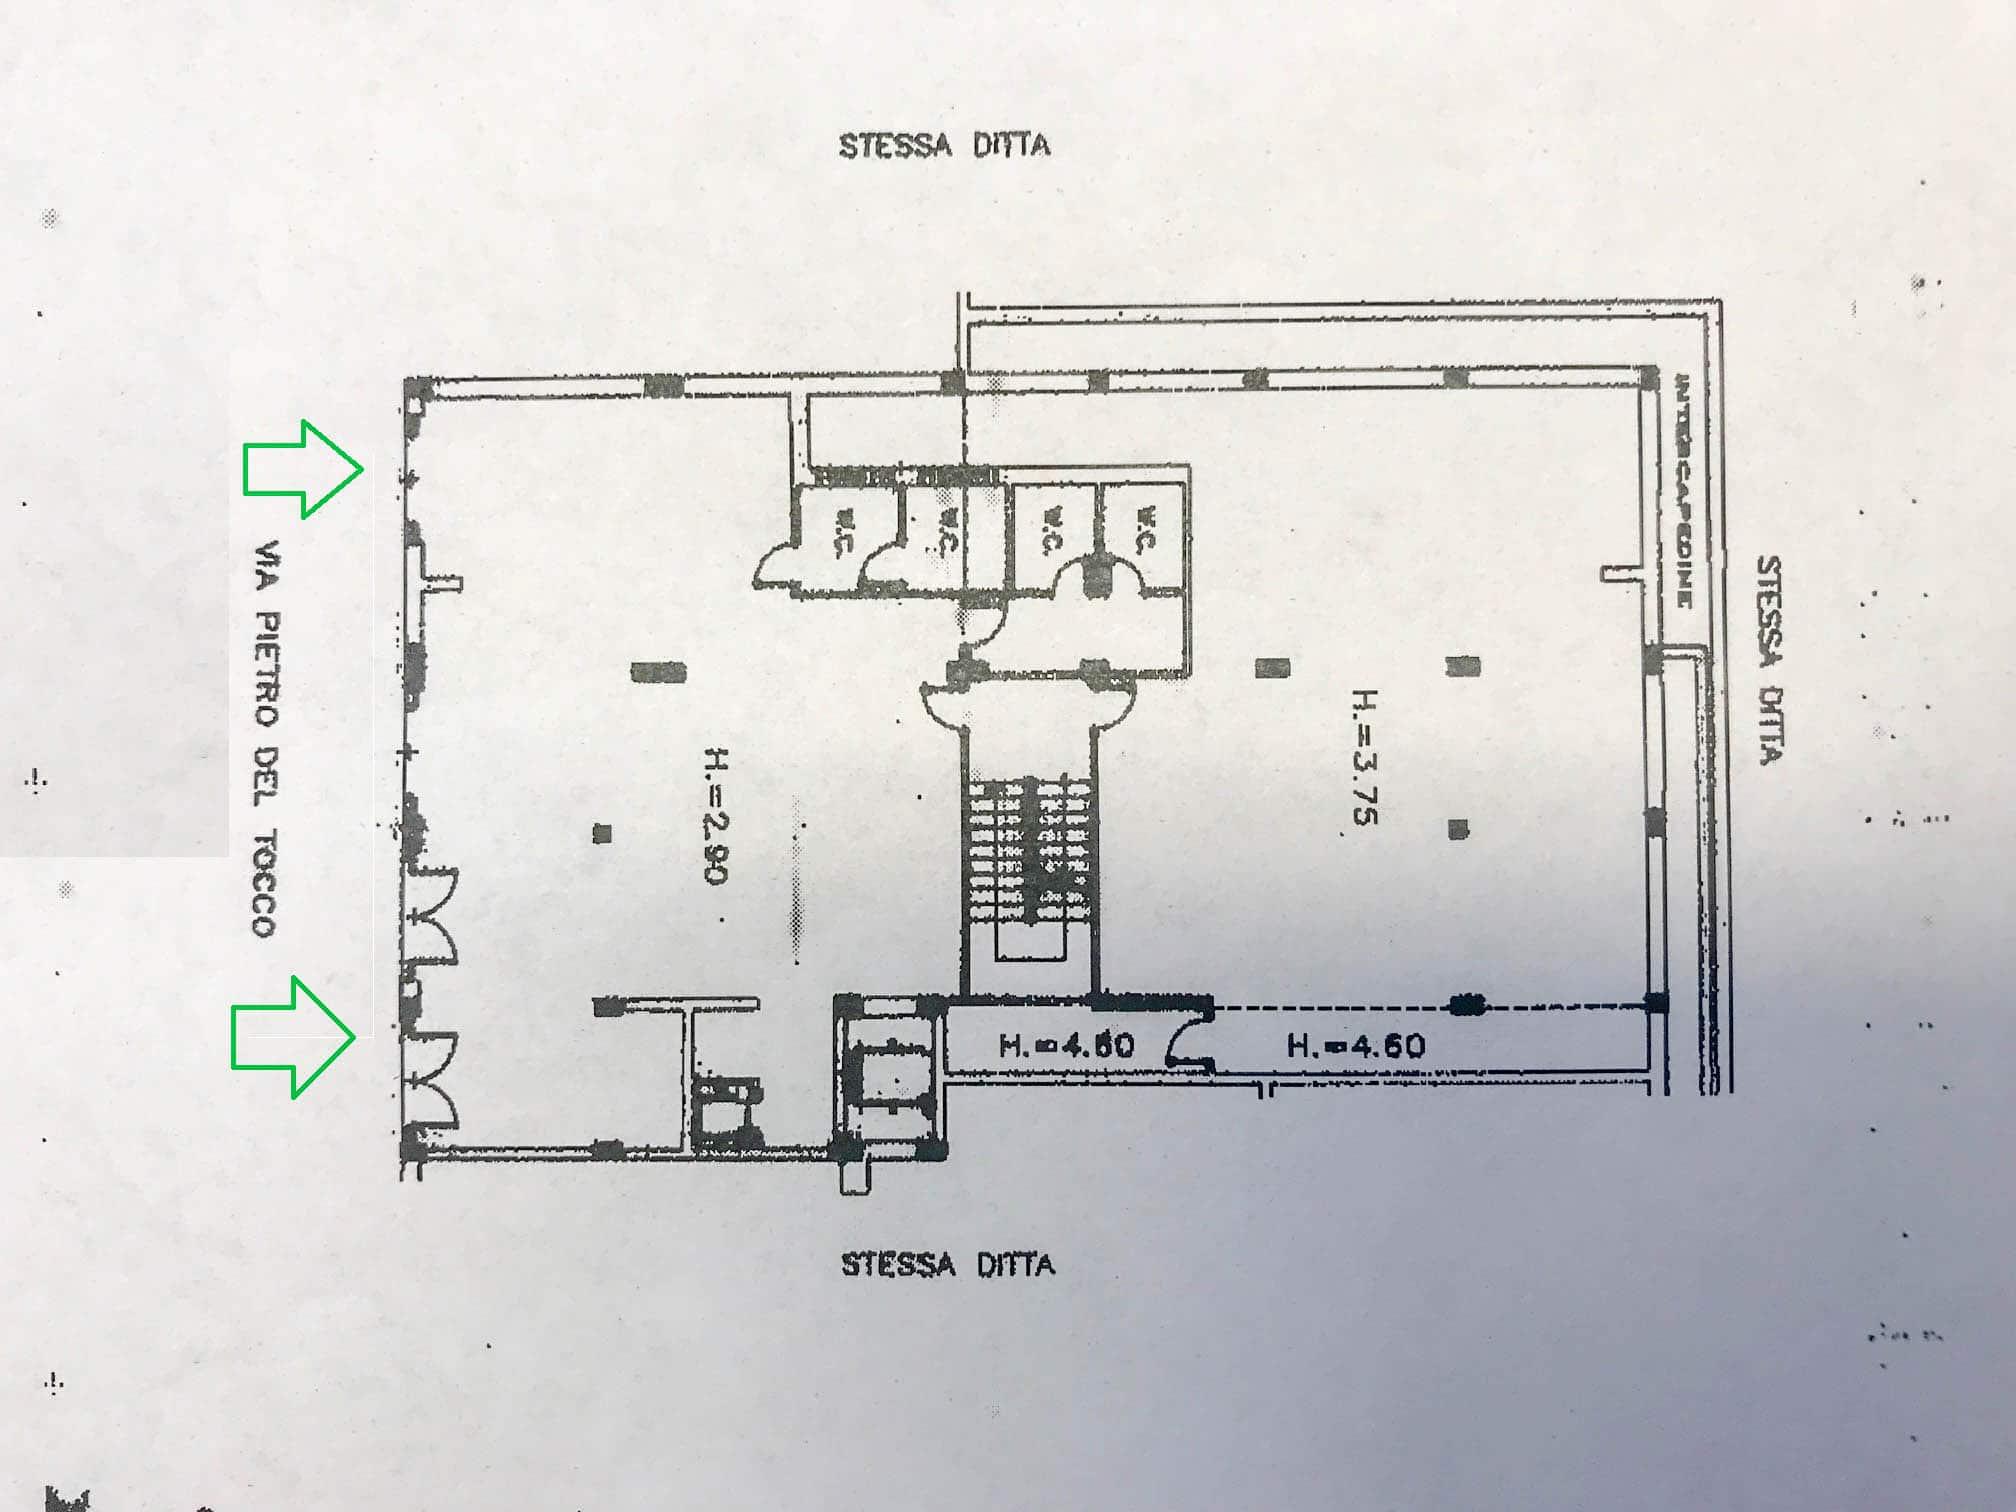 Affitto locale commerciale – Via Pietro del Tocco, Martina Franca (Taranto)